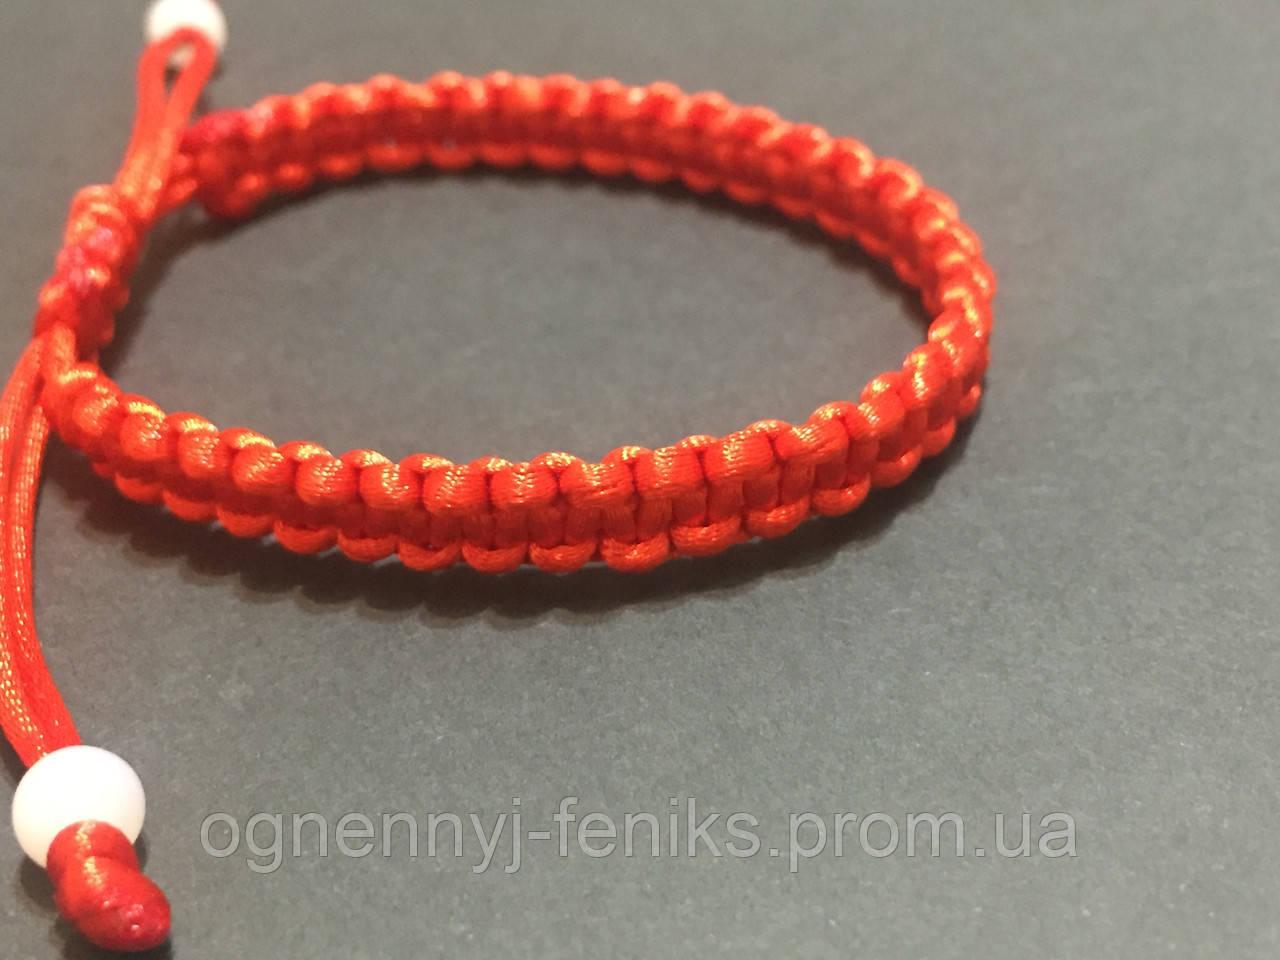 Браслет красная нить оберег от сглаза  - Огненный Феникс в Одессе